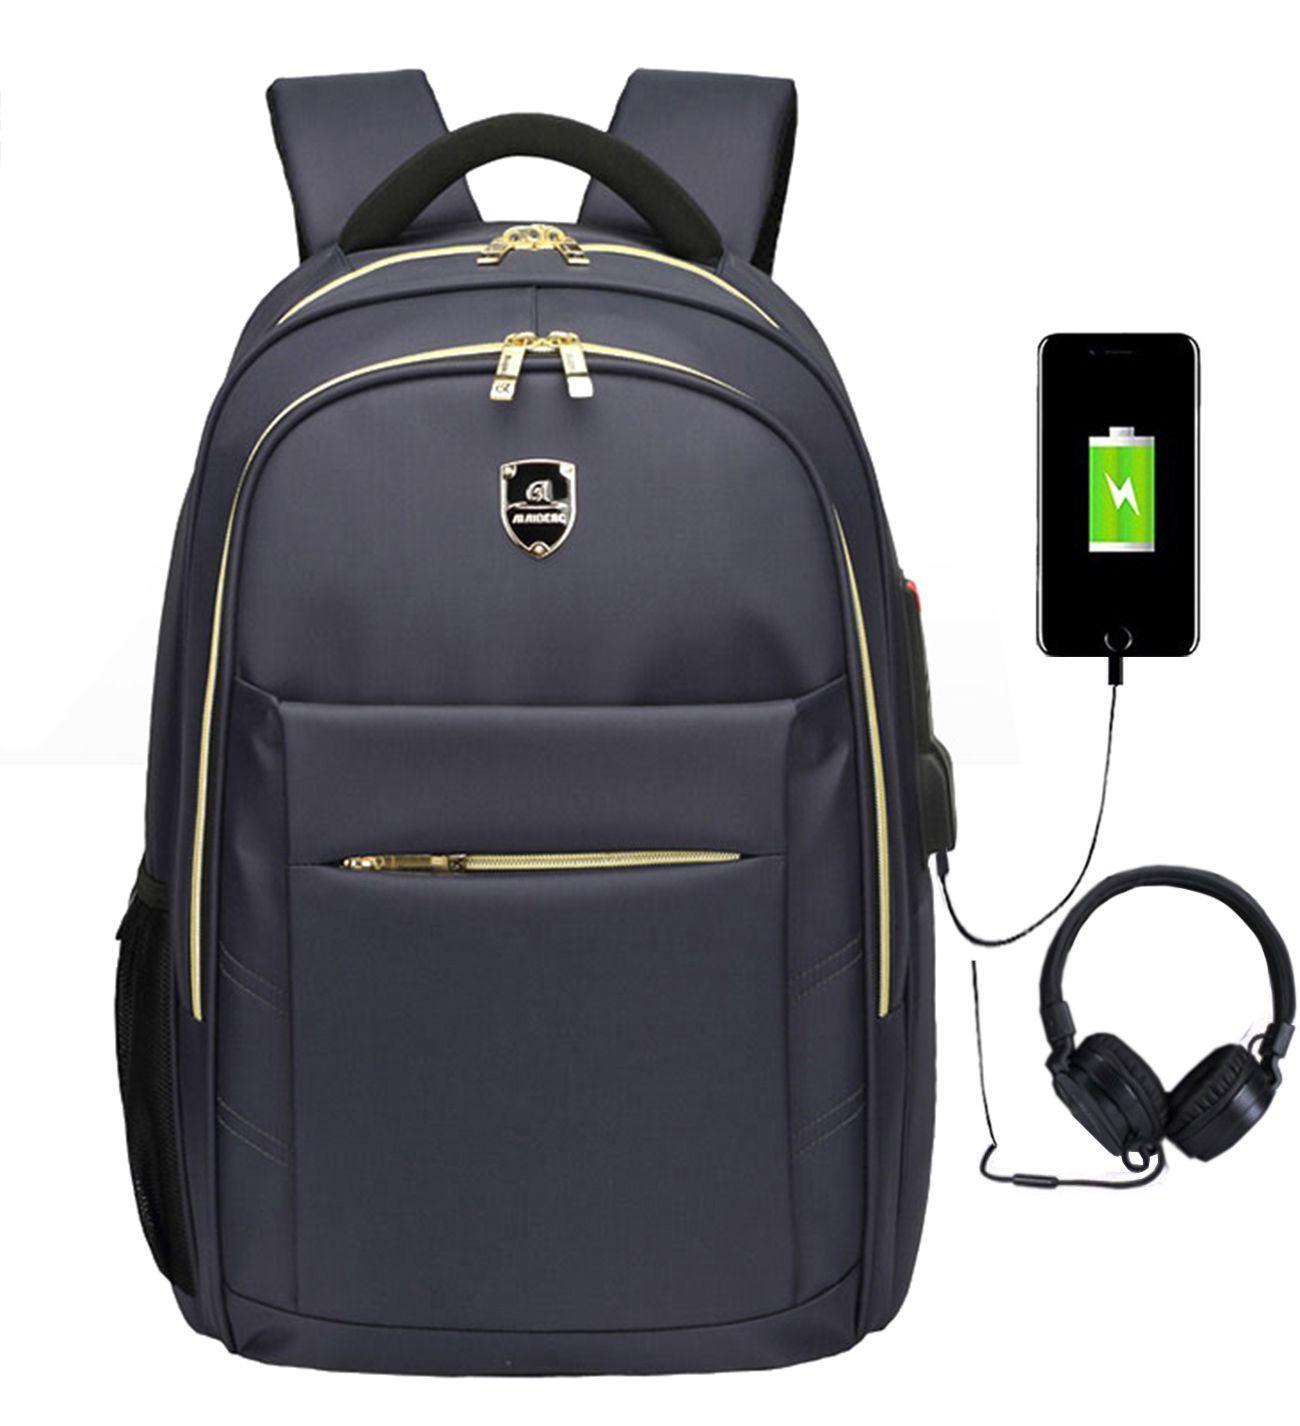 Mochila Notebook Impermeável Com Saída USB Fone 1801 Azul